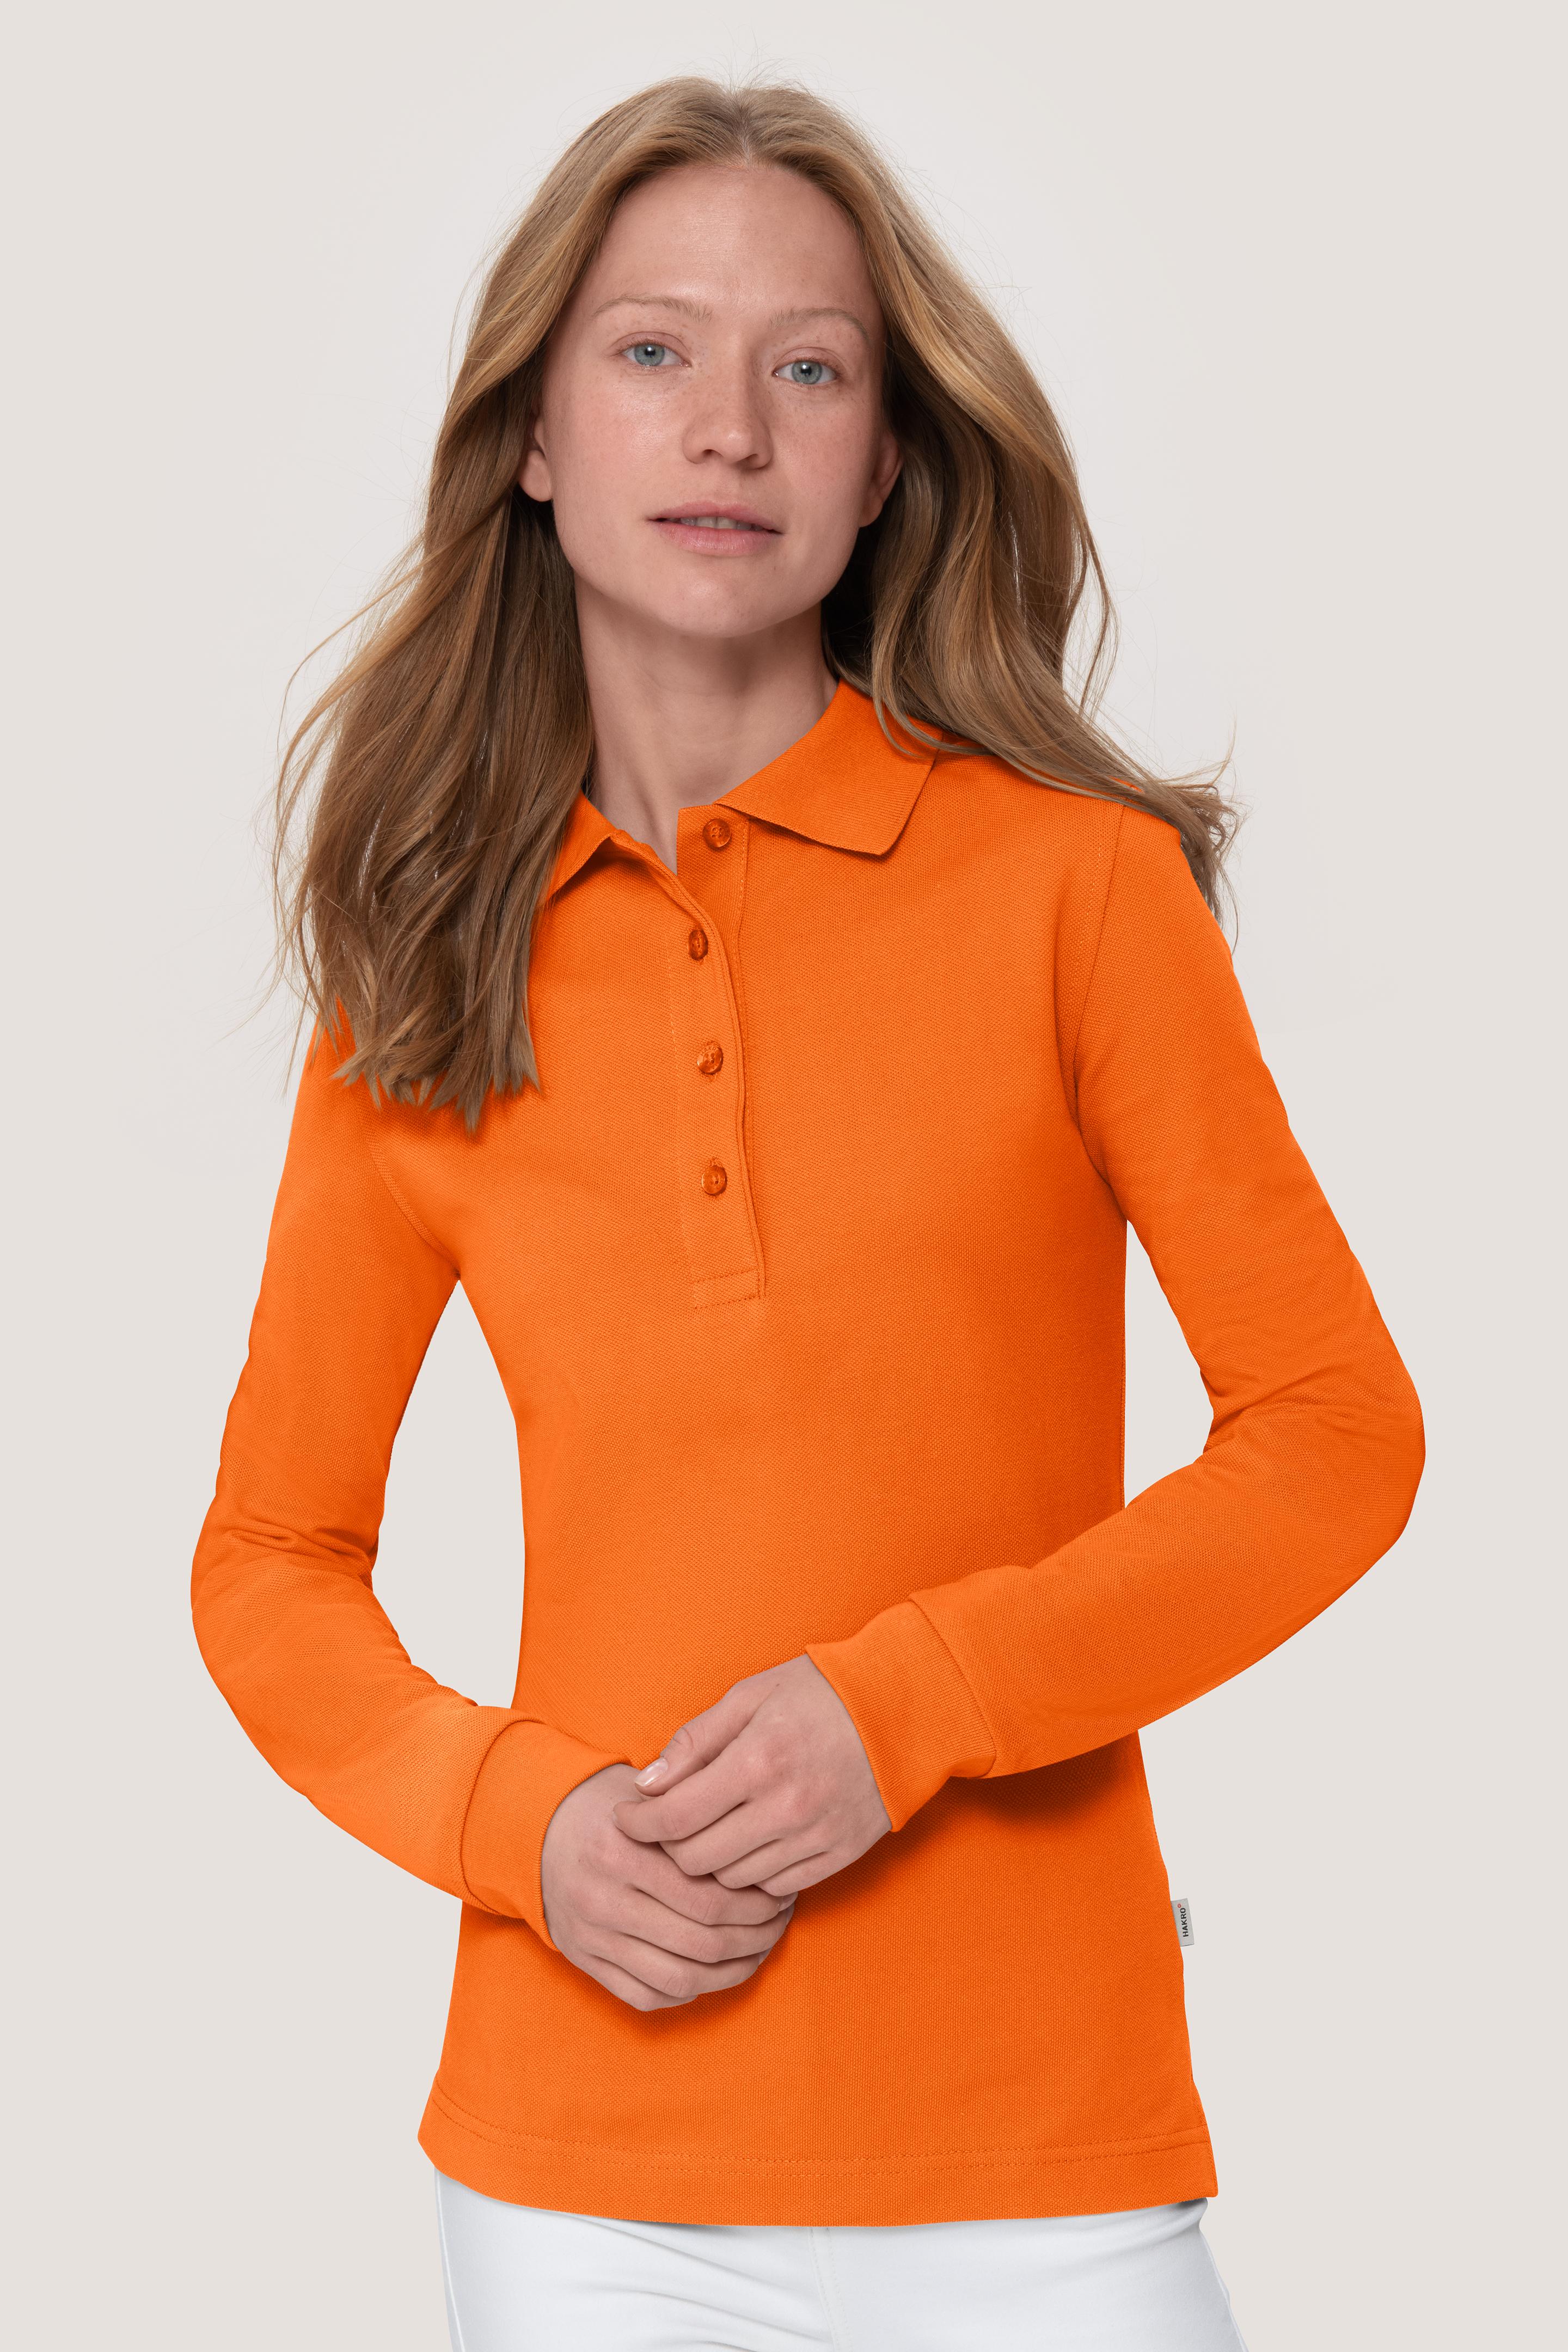 Damen Longsleeve Poloshirt Mikralinar von HAKRO NO. 215